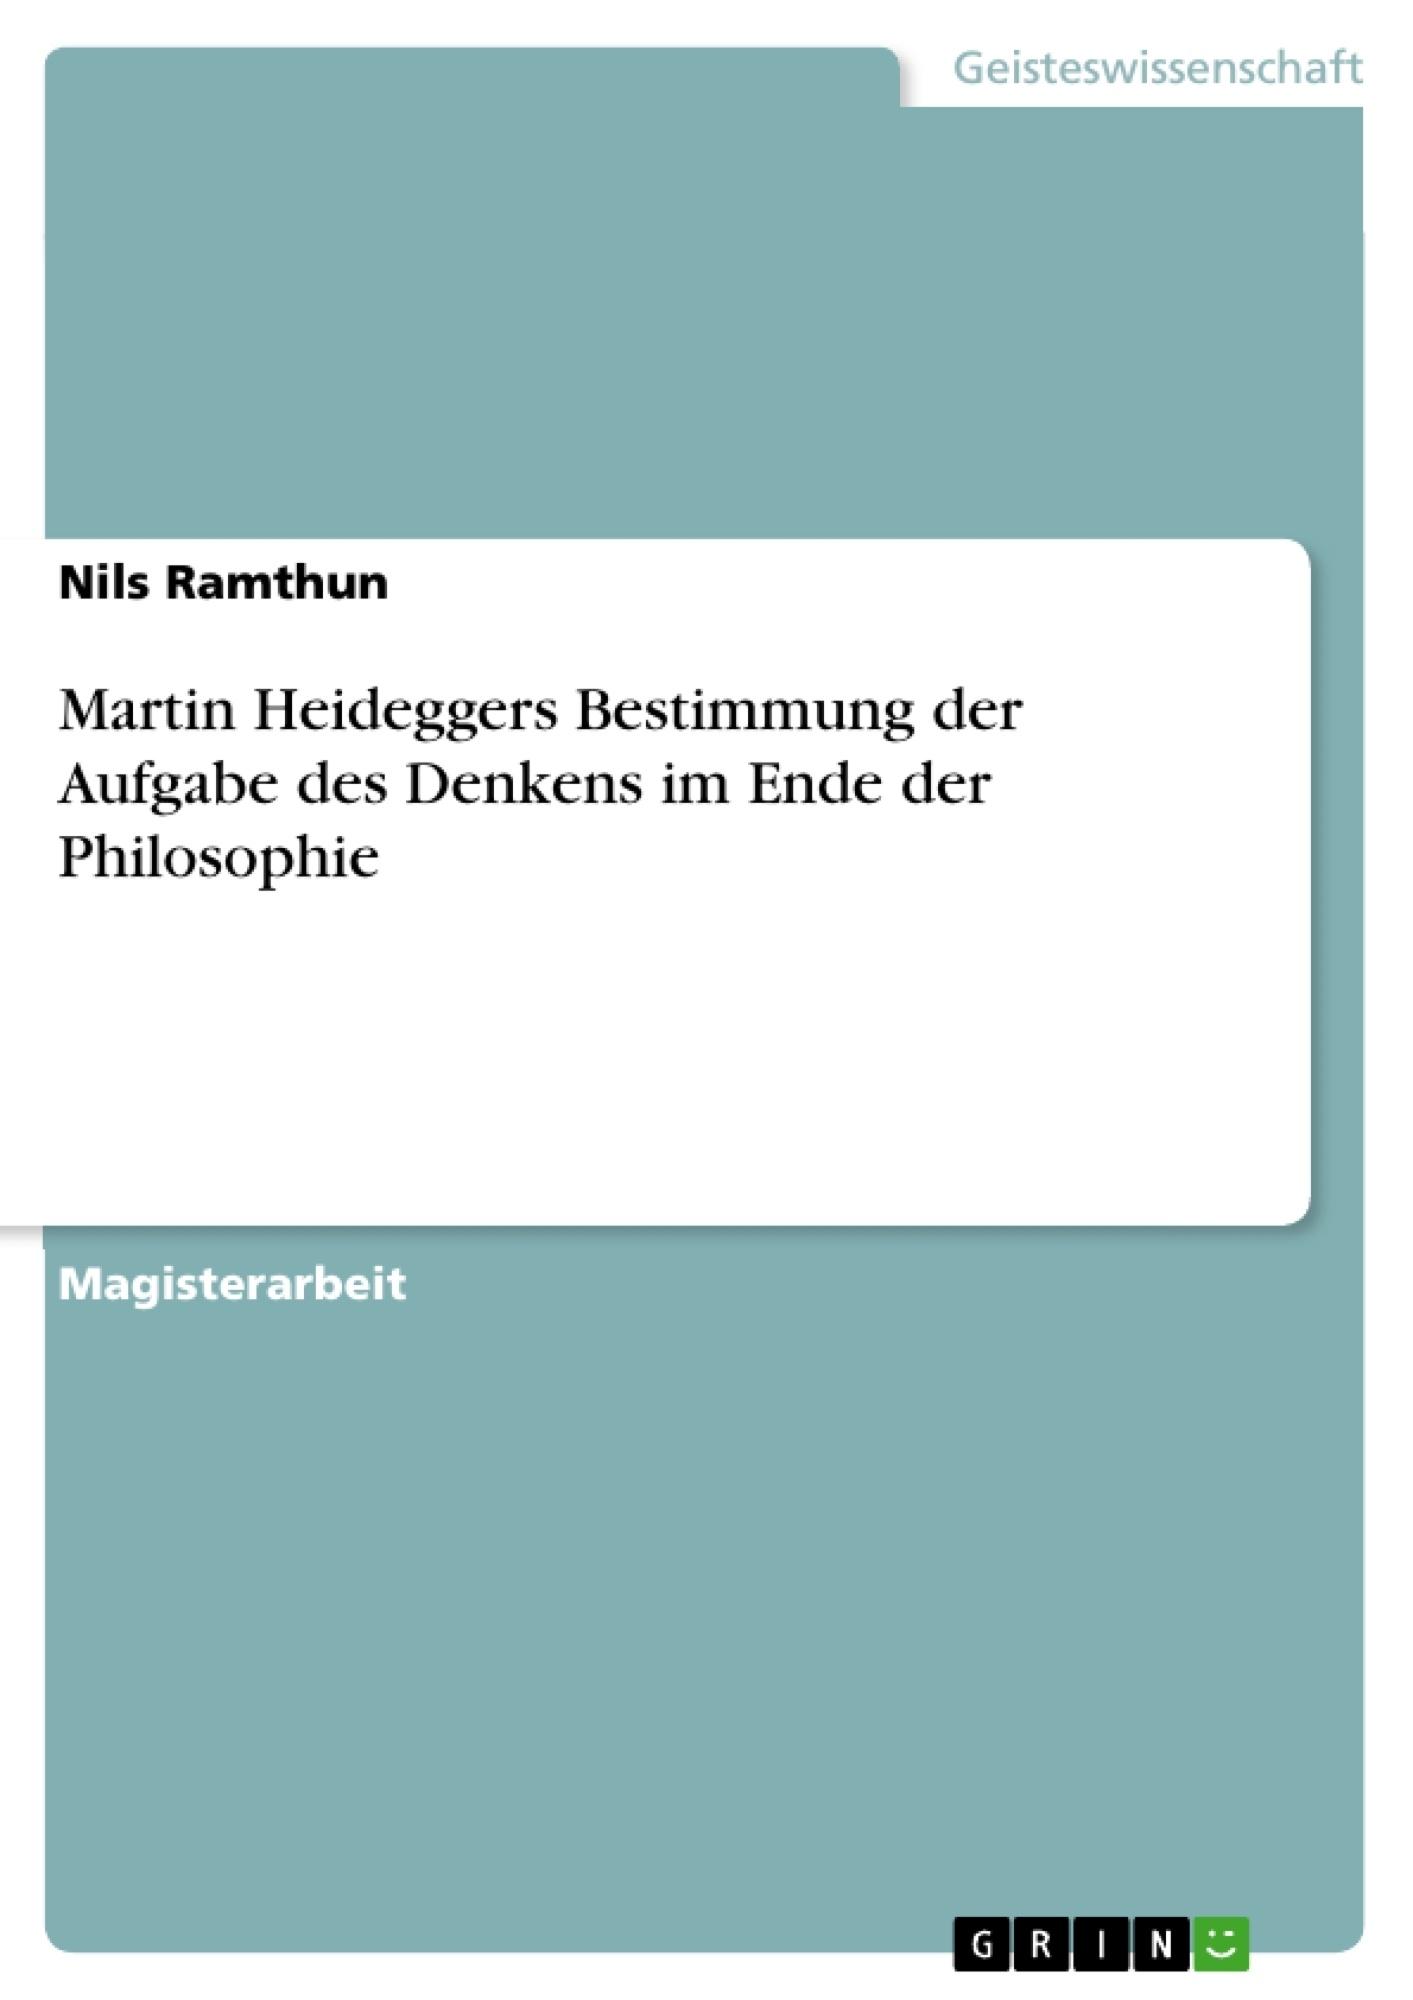 Titel: Martin Heideggers Bestimmung der Aufgabe des Denkens im Ende der Philosophie